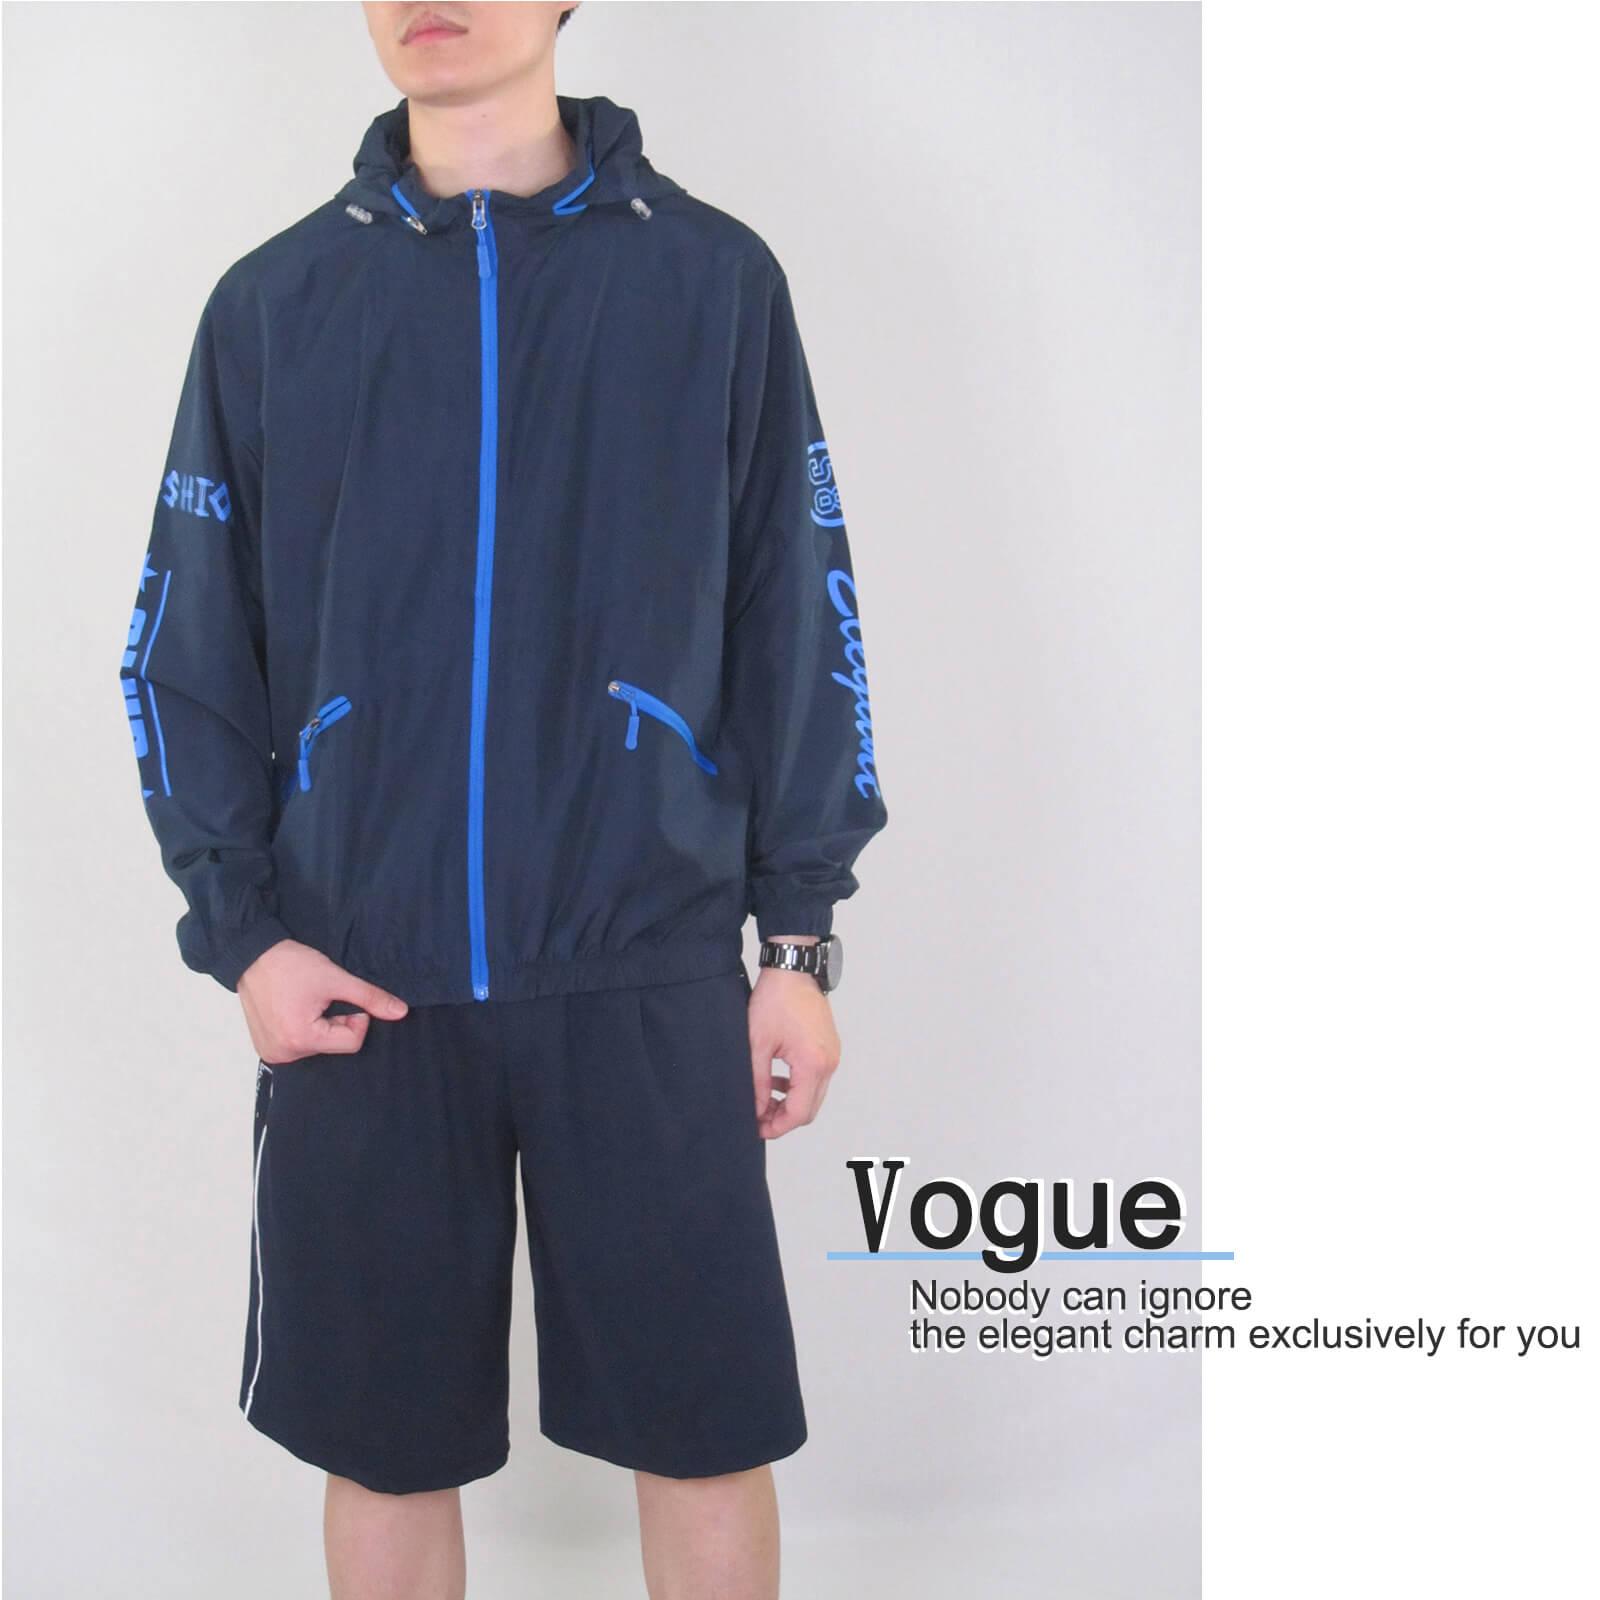 配色薄外套 遮陽防曬休閒外套 防風外套 運動暖身外套 風衣外套 JACKET (321-8878-01)螢光綠、(321-8878-02)深藍色、(321-8878-03)黑色 M L XL 2L(胸圍44~50英吋) [實體店面保障] sun-e 3